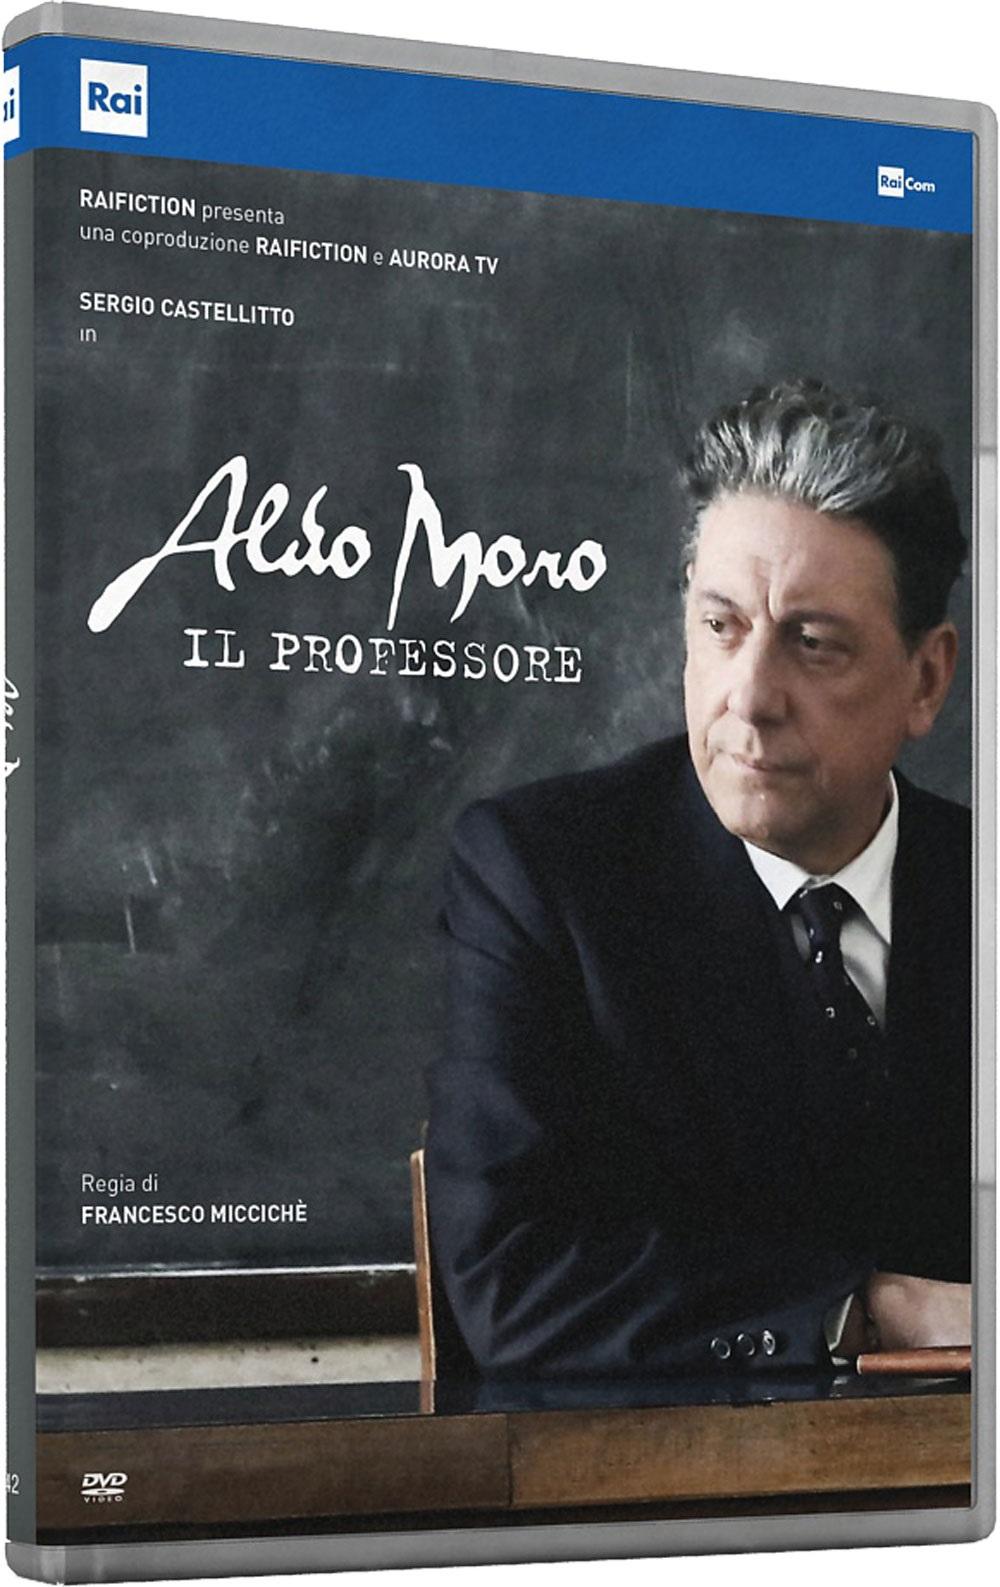 ALDO MORO - IL PROFESSORE (DVD)